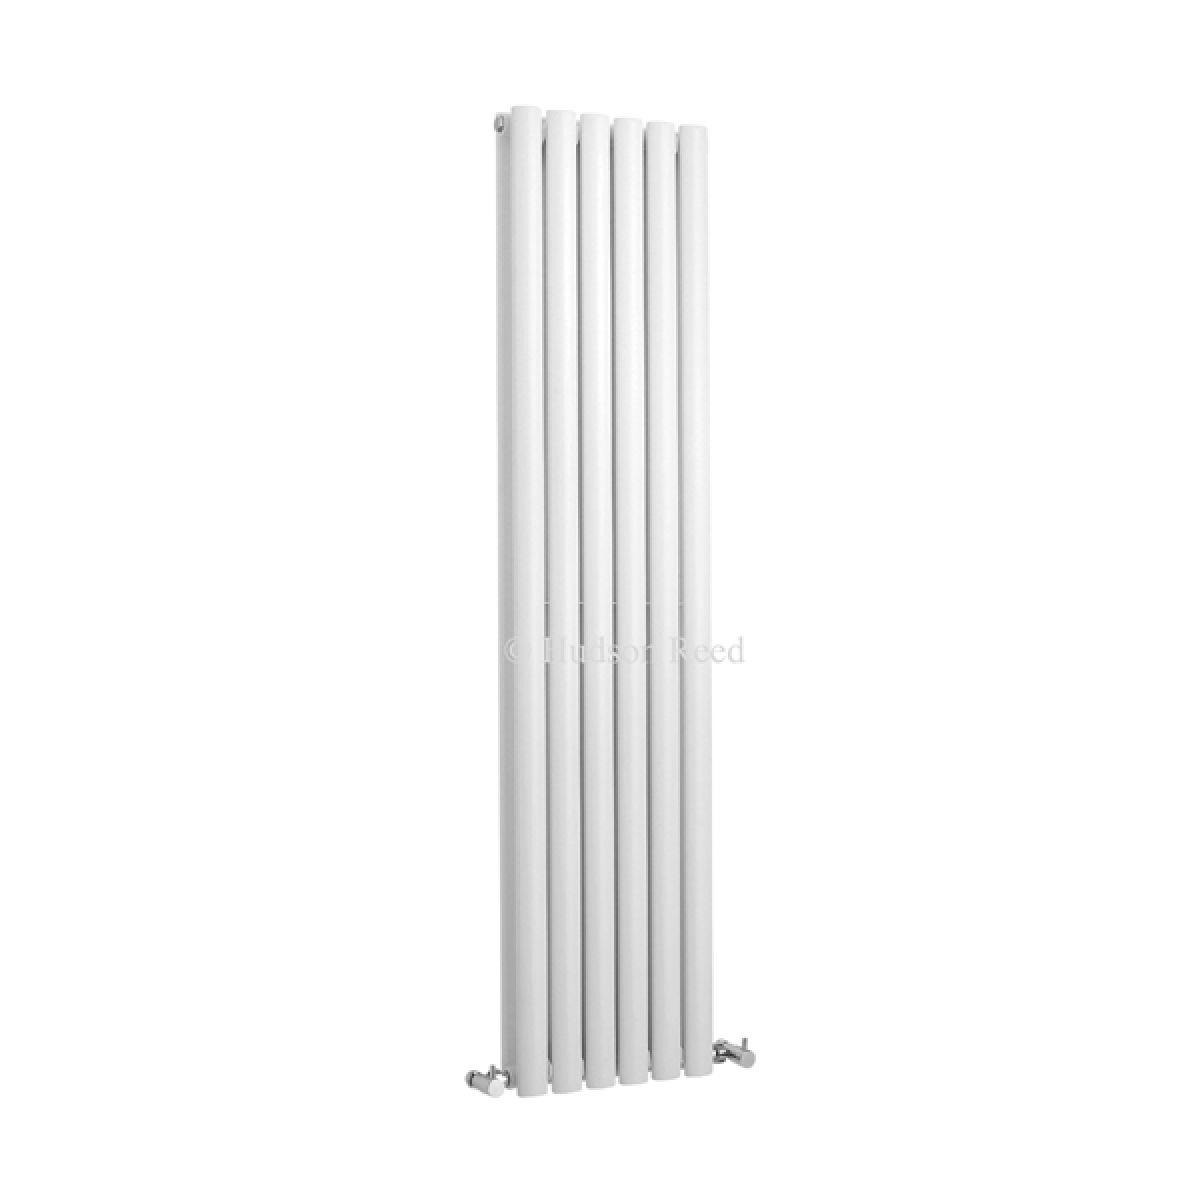 Hudson Reed Revive High Gloss White Vertical Double Panel Designer Radiator